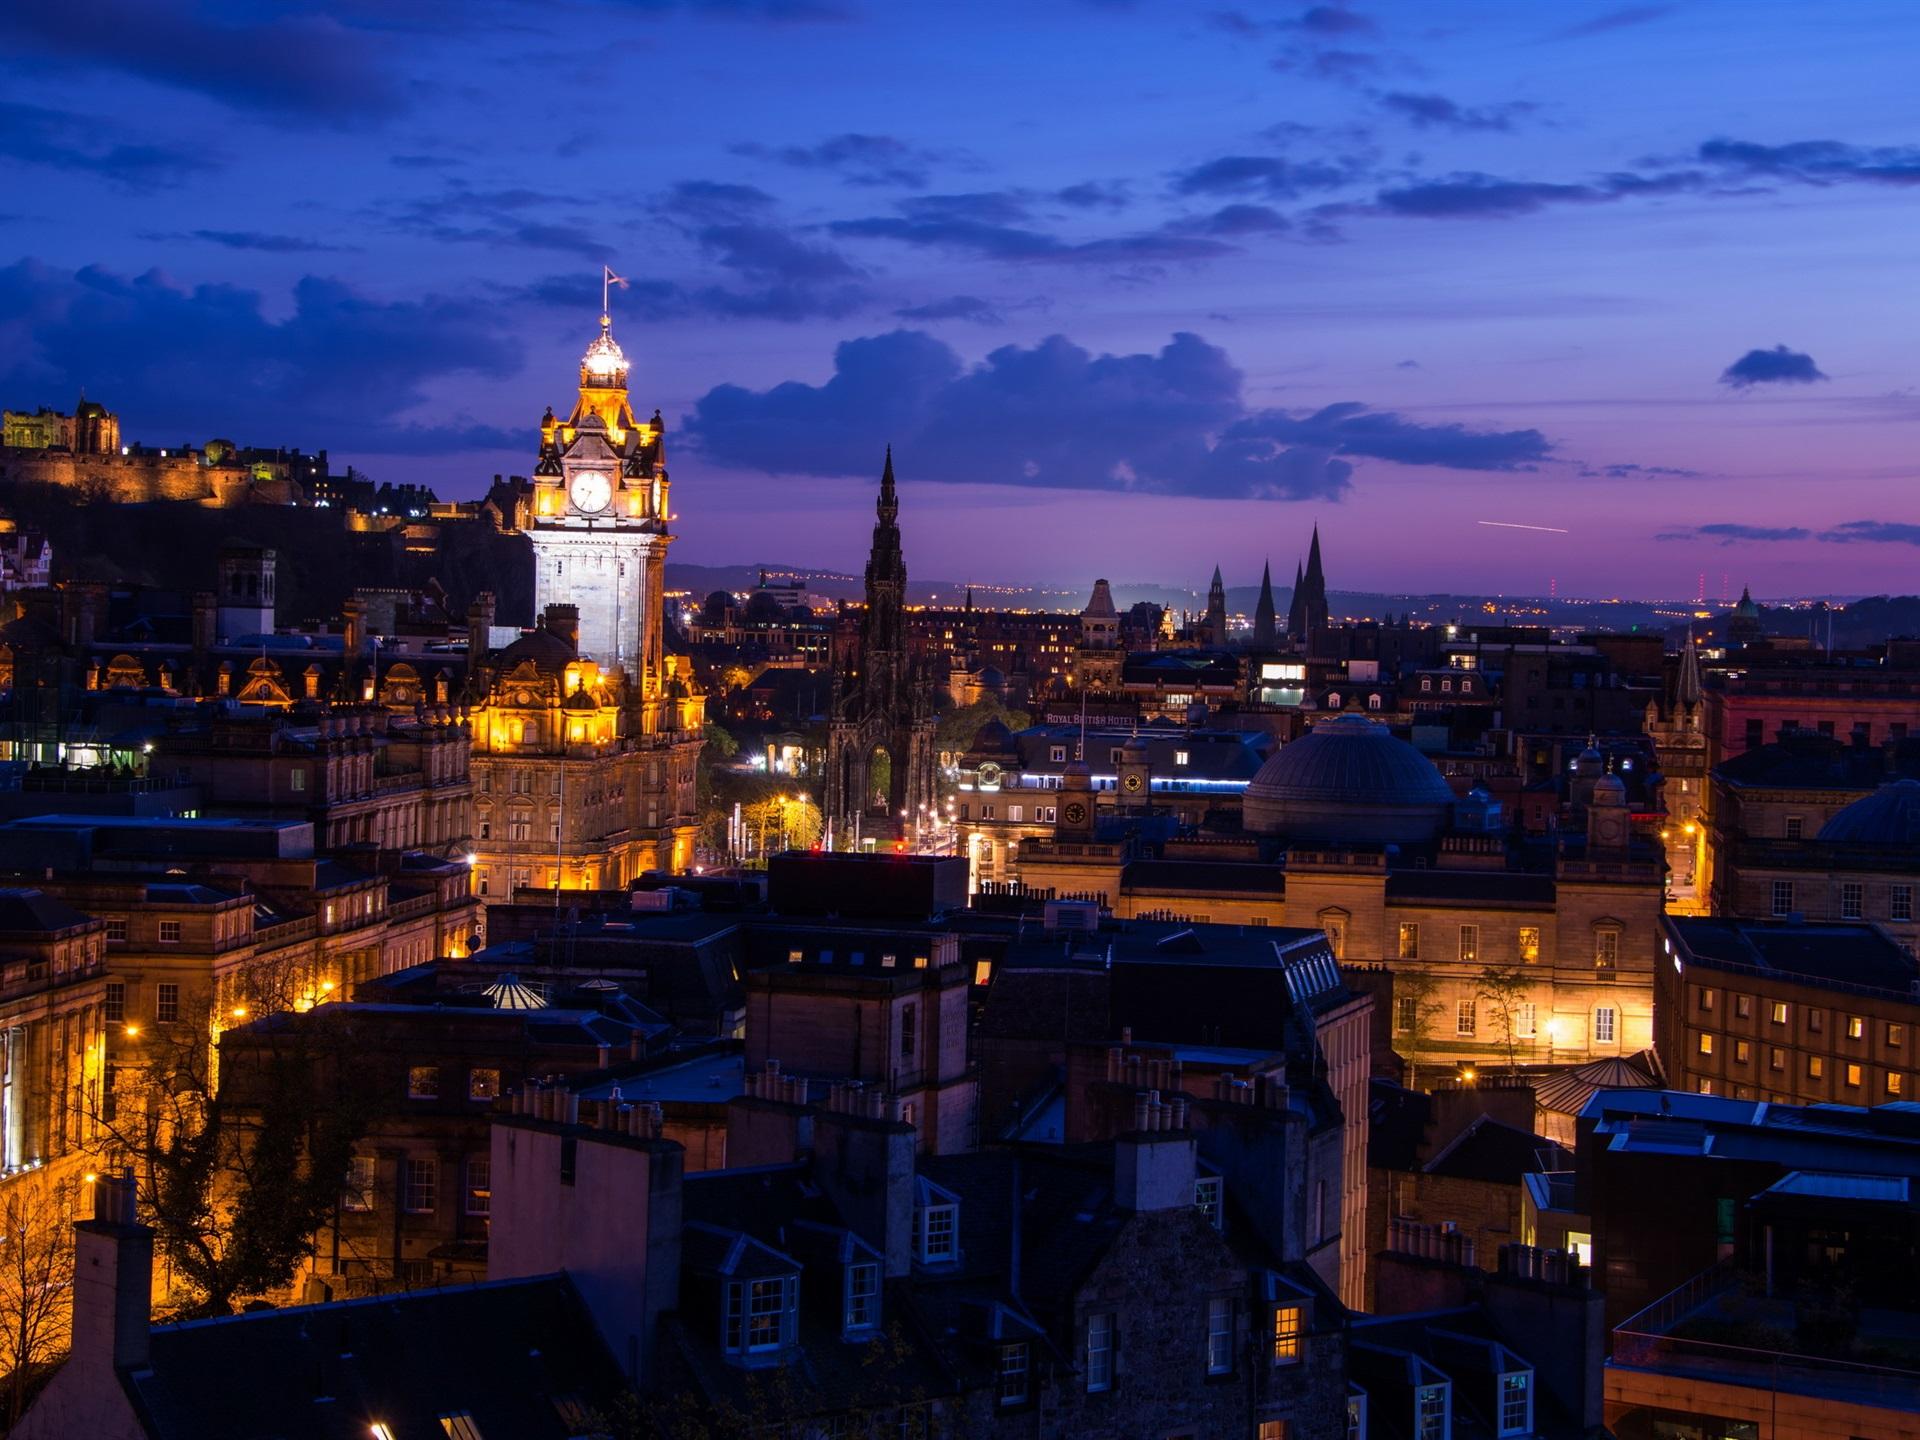 Обои Шотландия, эдинбург, маяк. Пейзажи foto 10